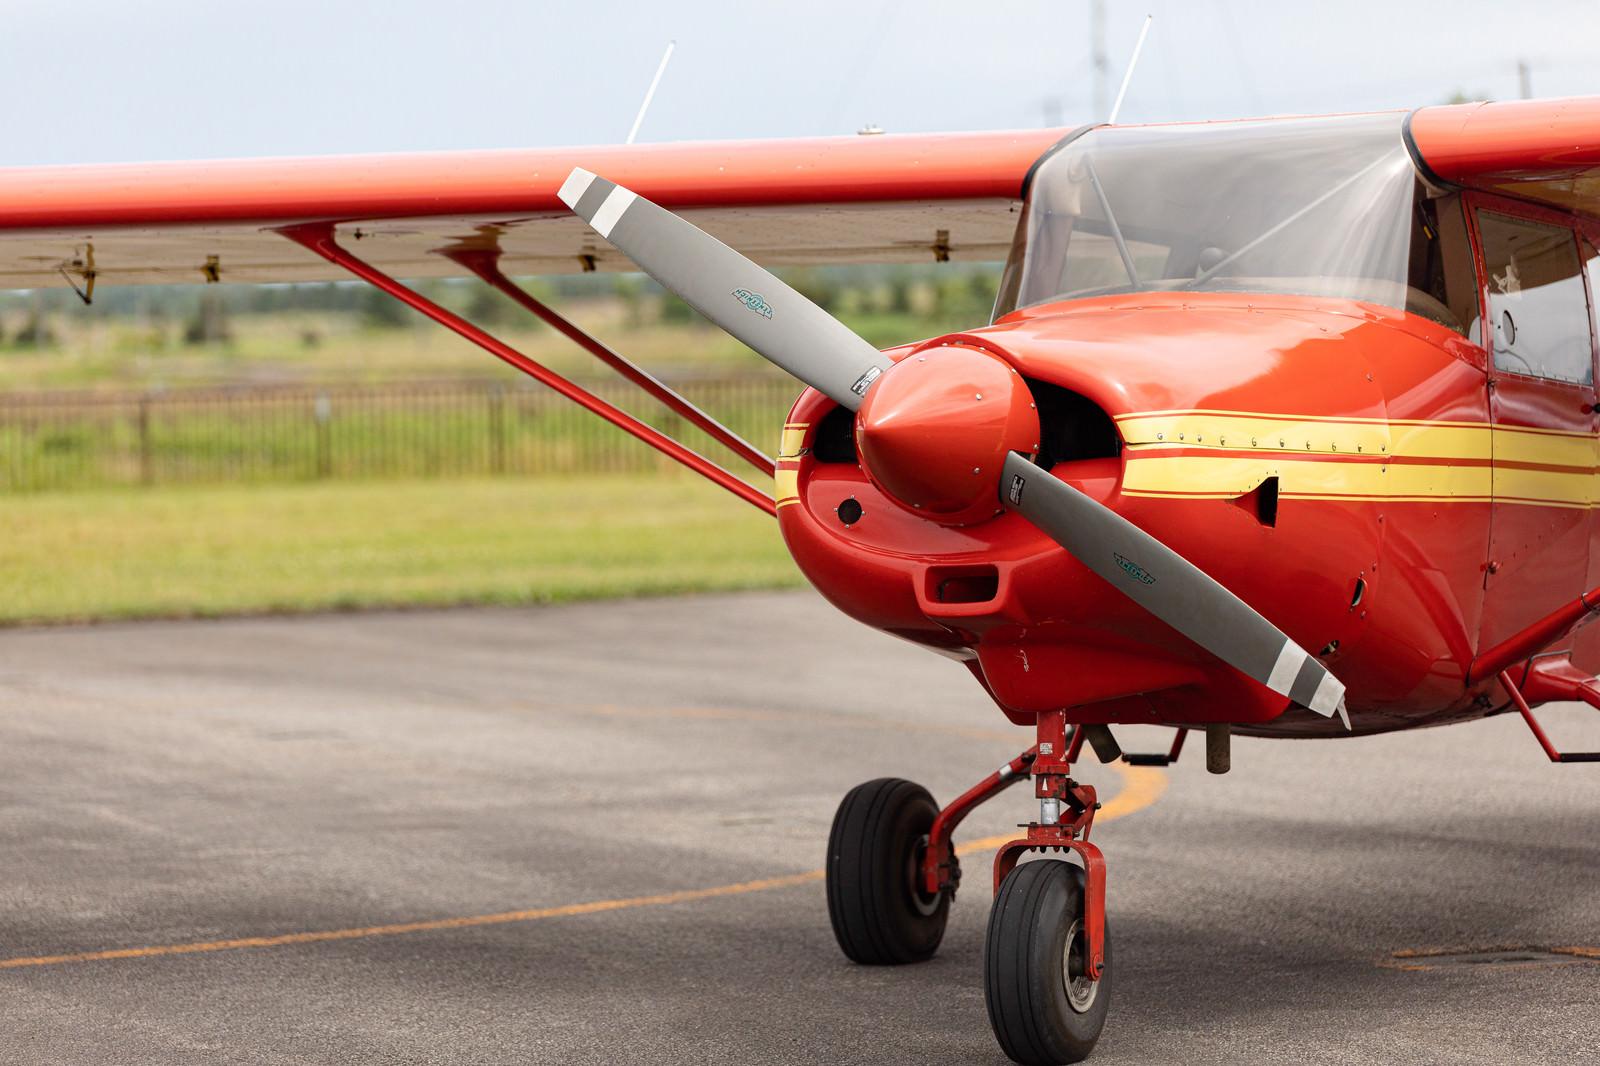 「小型飛行機のプロペラ」の写真